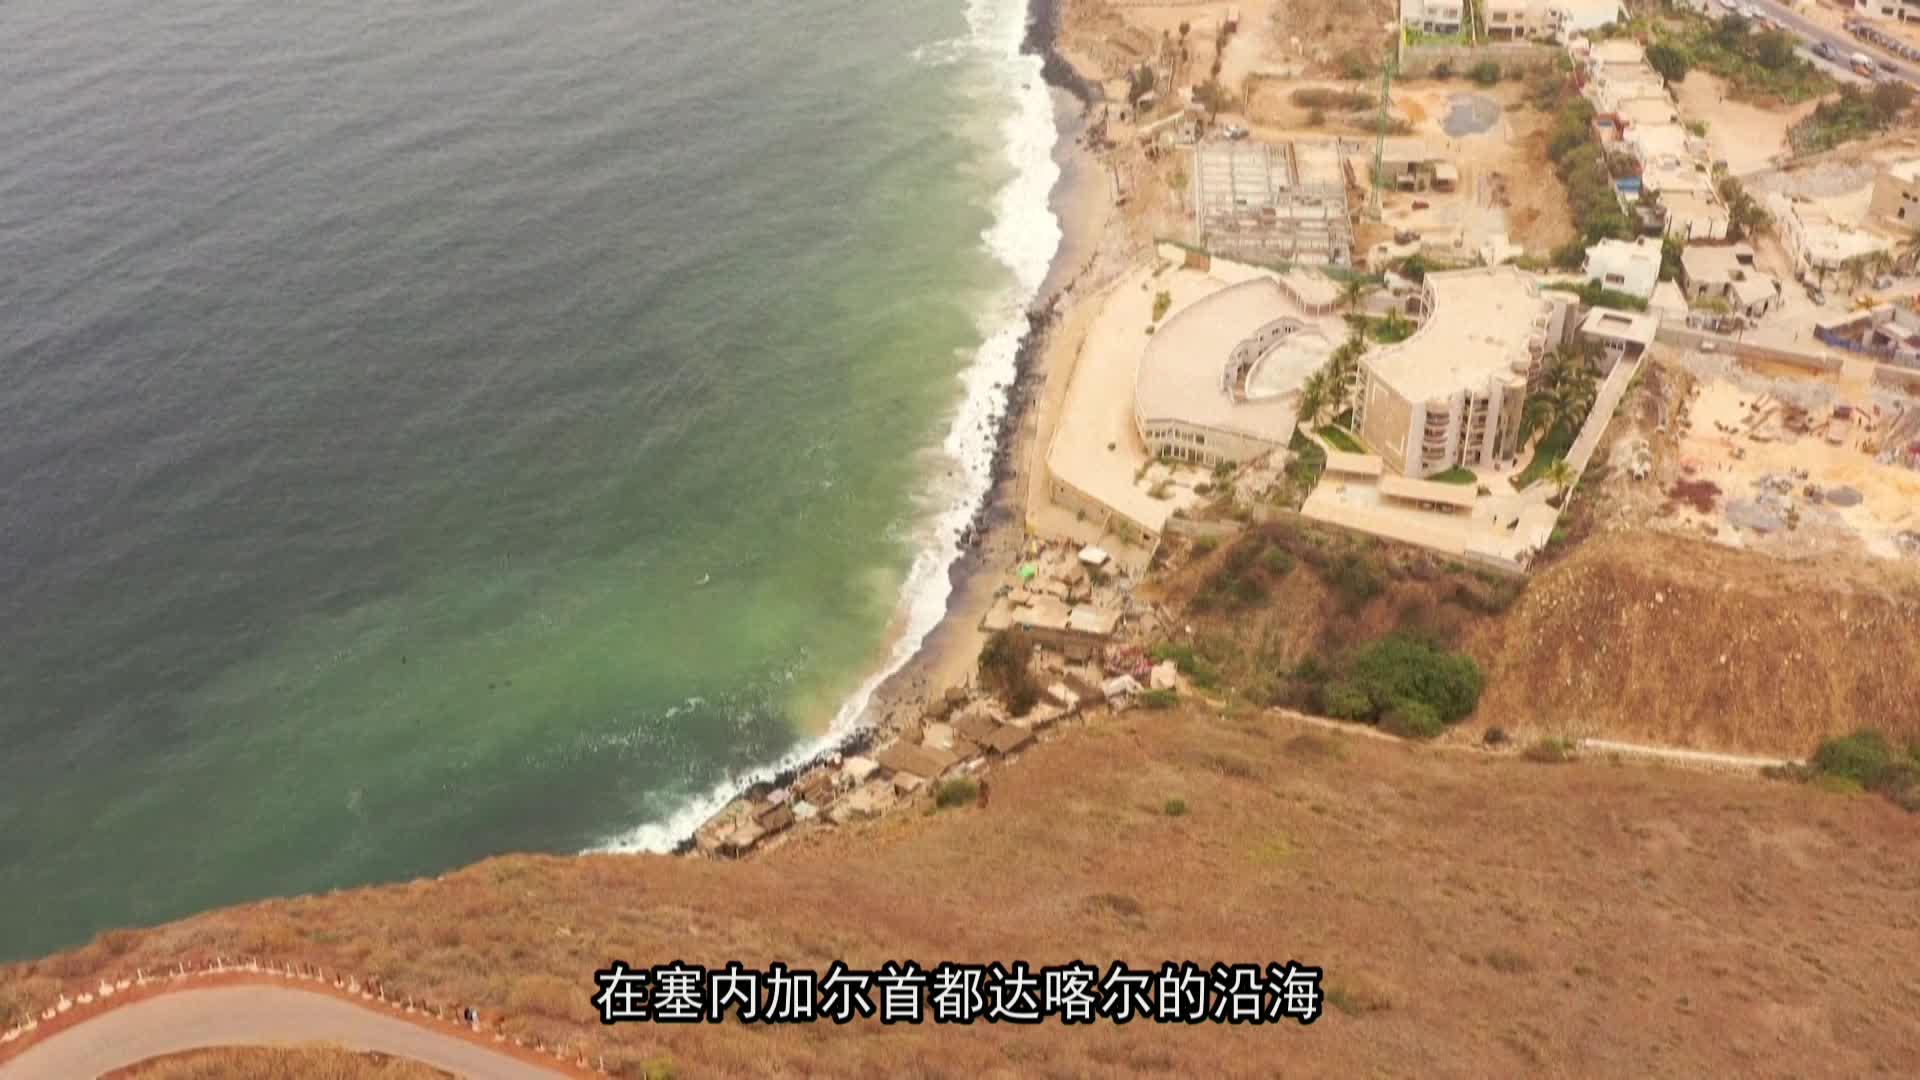 塞内加尔达喀尔的公共沙滩和灯塔在减少